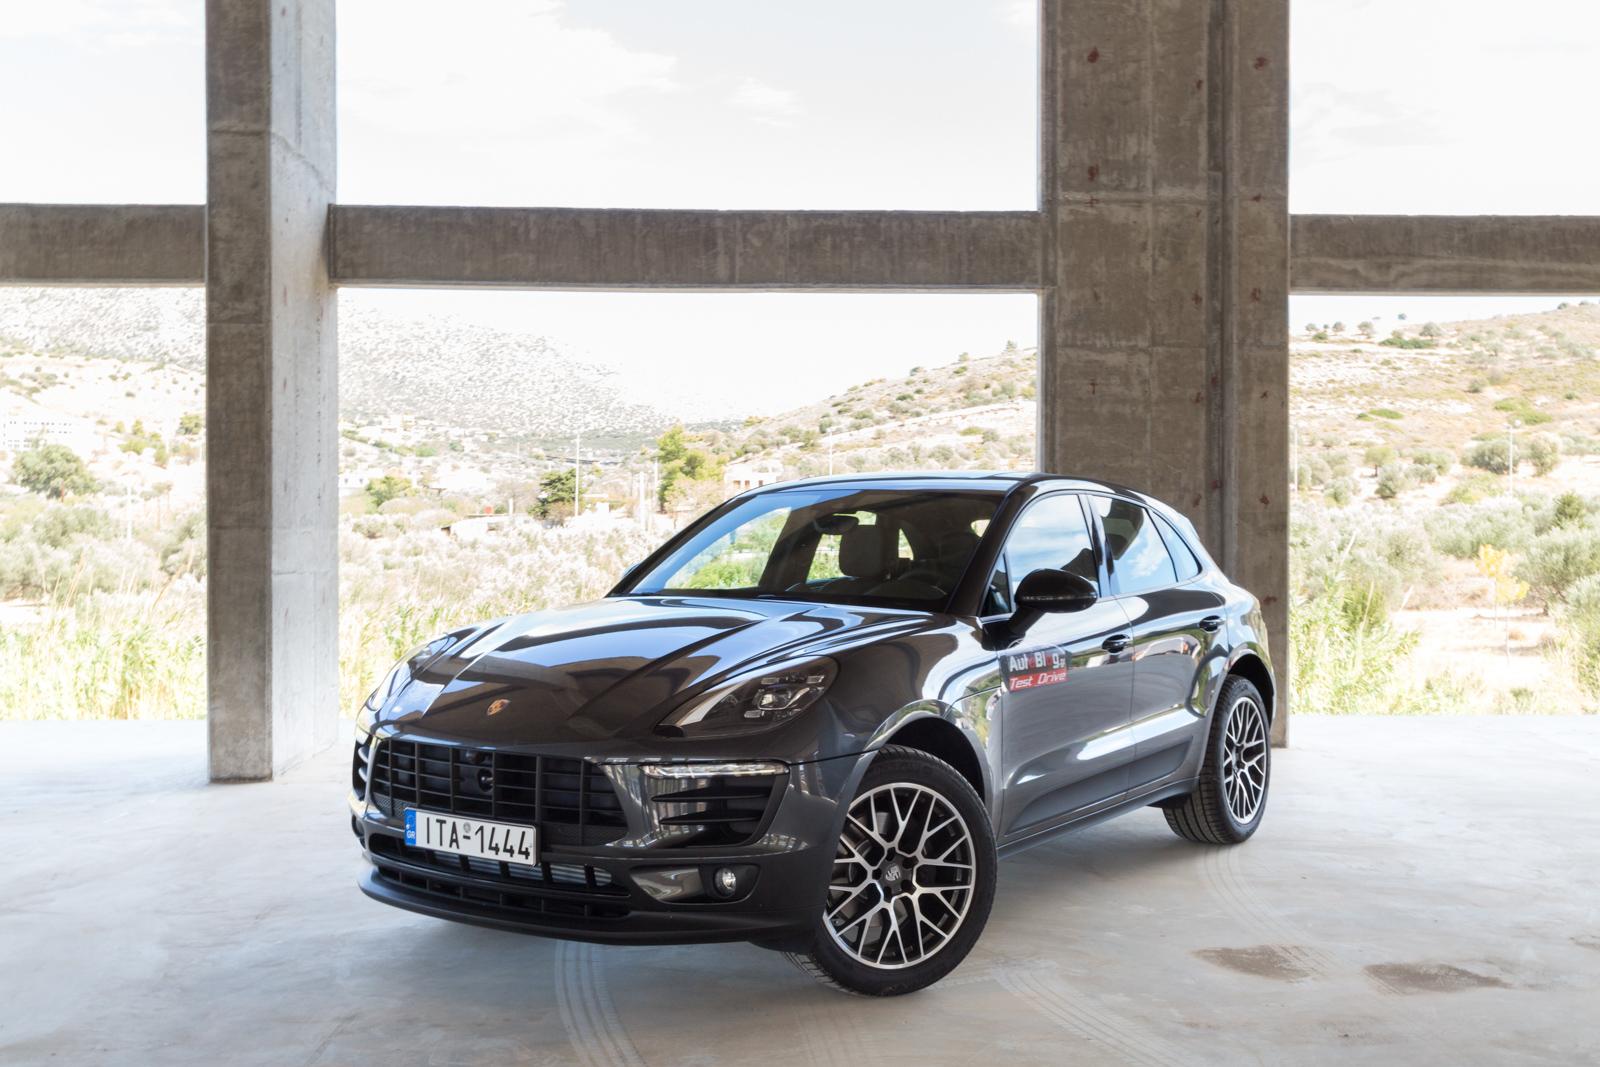 Test_Drive_Porsche_Macan_01